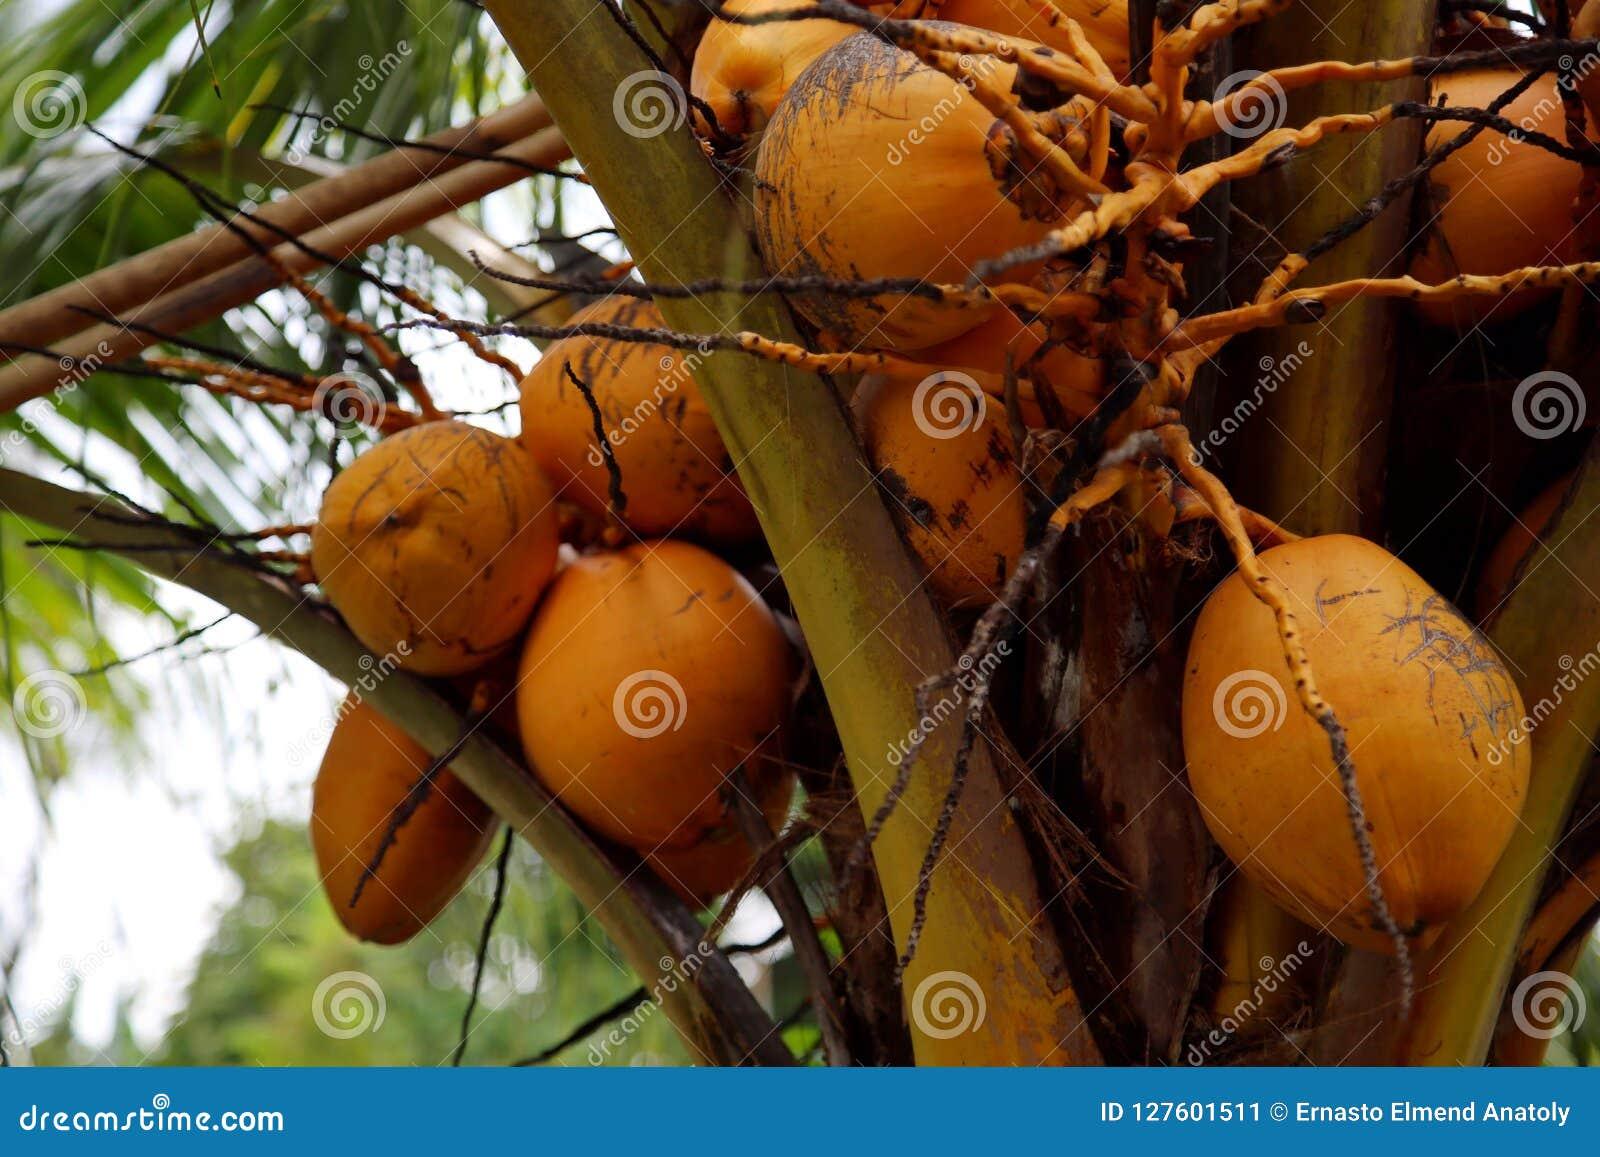 Kokosnöten bär frukt i indonesia